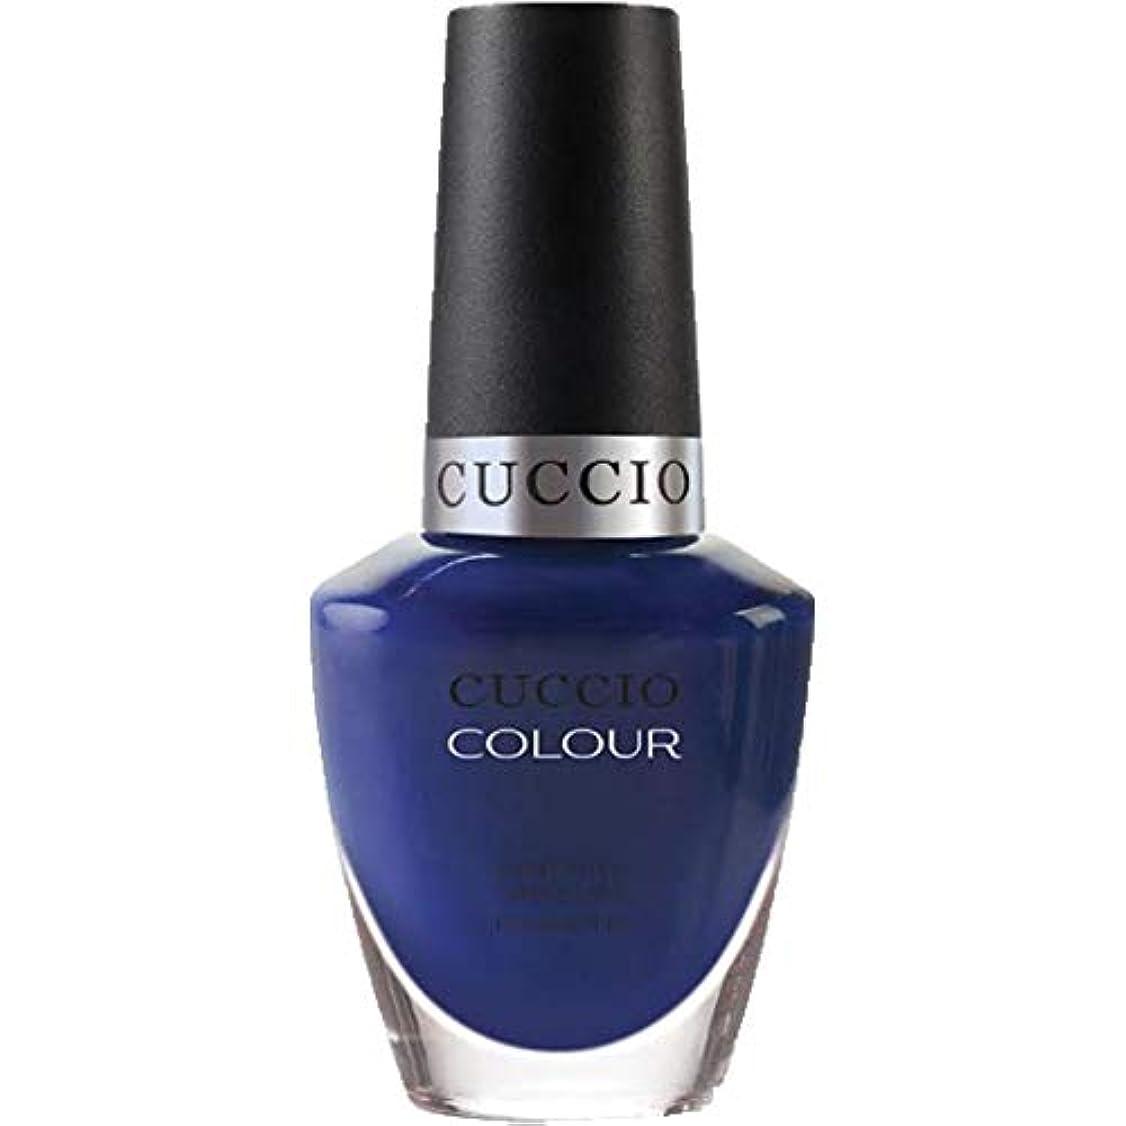 内陸気がついて弱めるCuccio Colour Gloss Lacquer - Lauren Blucall - 0.43oz / 13ml